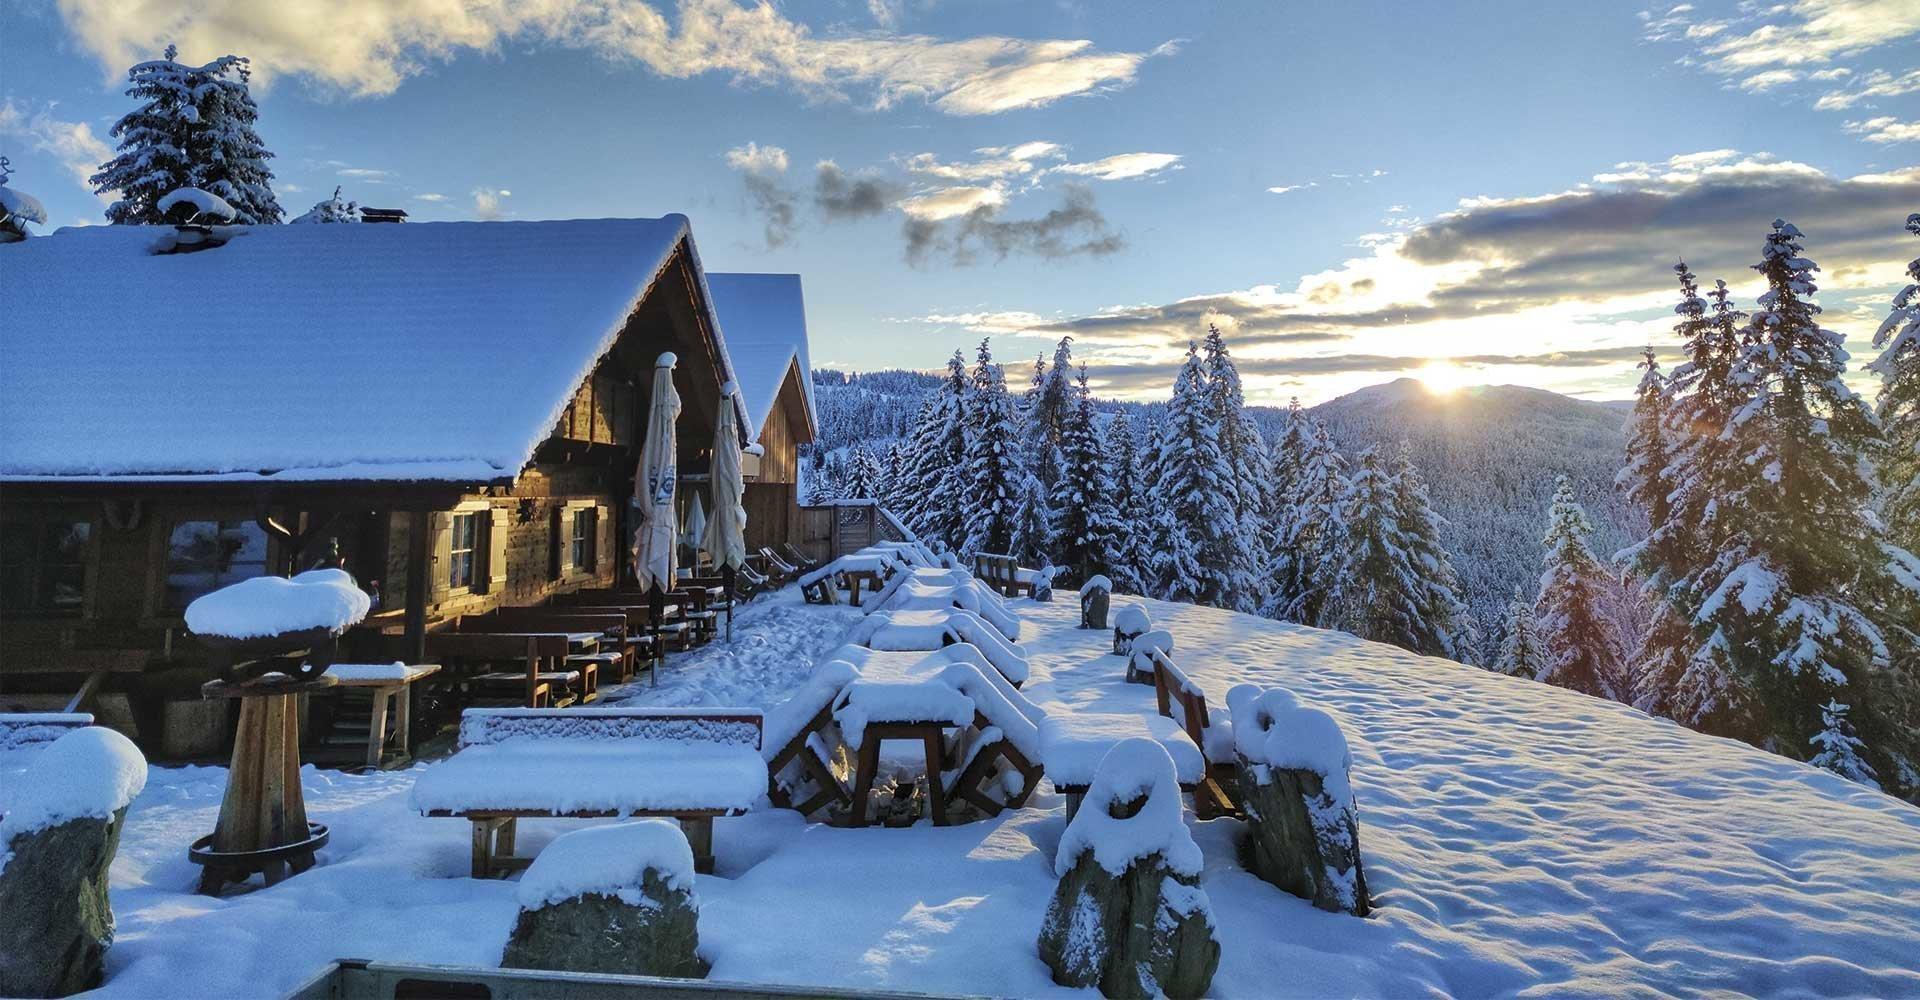 Winterurlaub Dolomiten, Vacanze nelle Dolomiti